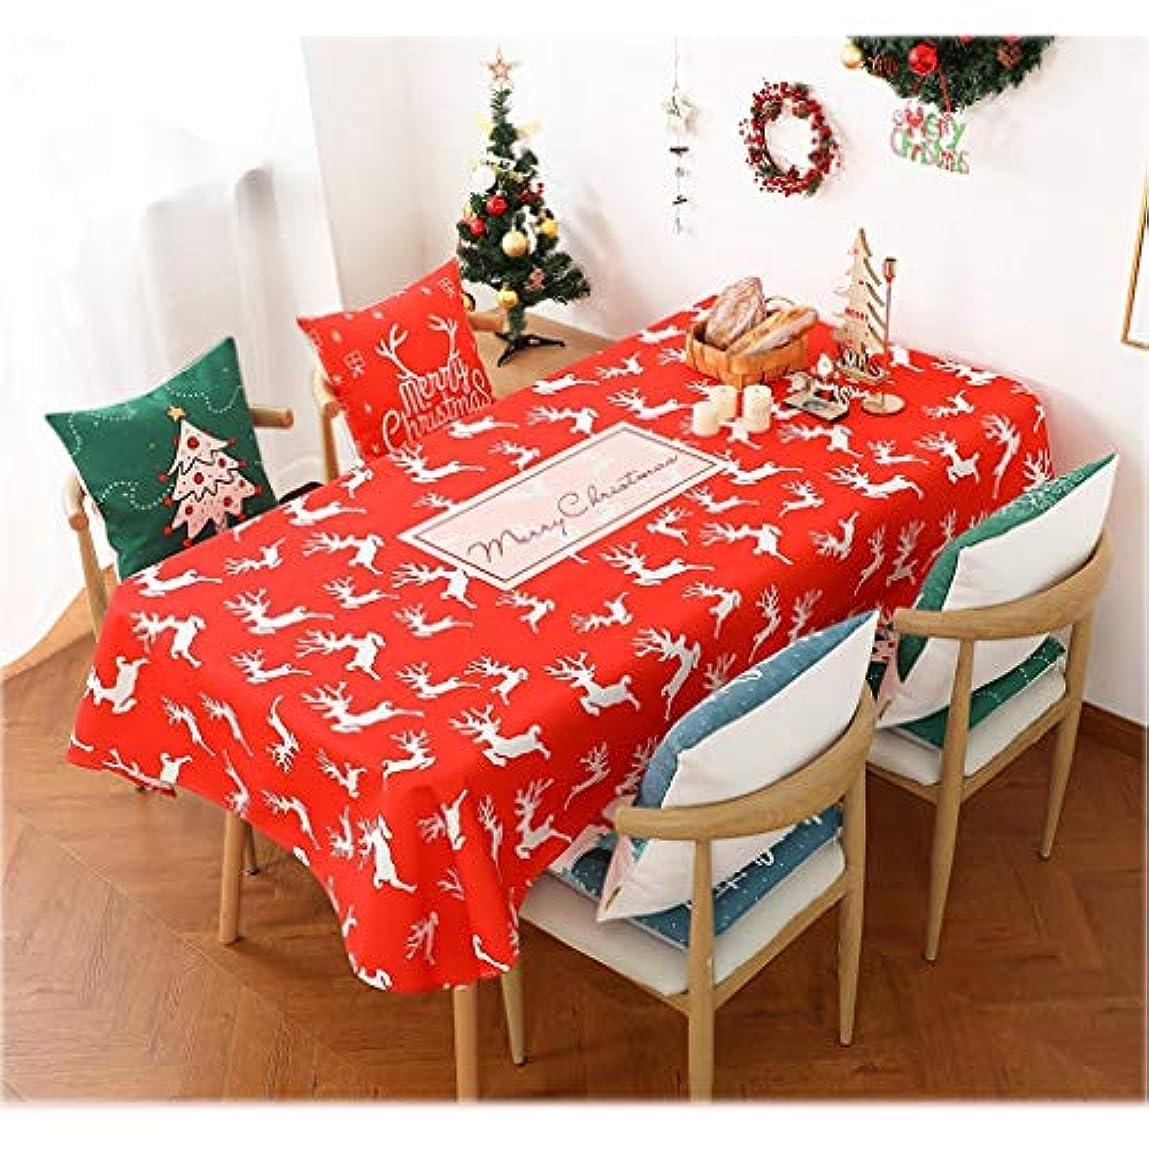 錆びガジュマル伝染性クリスマステーブルクロス防水アンチやけどオイルプルーフ長方形北欧の装飾的なコーヒーテーブルテーブルクロスラウンドテーブルクロス、4色 (Color : Red B, Size : 85*85cm)